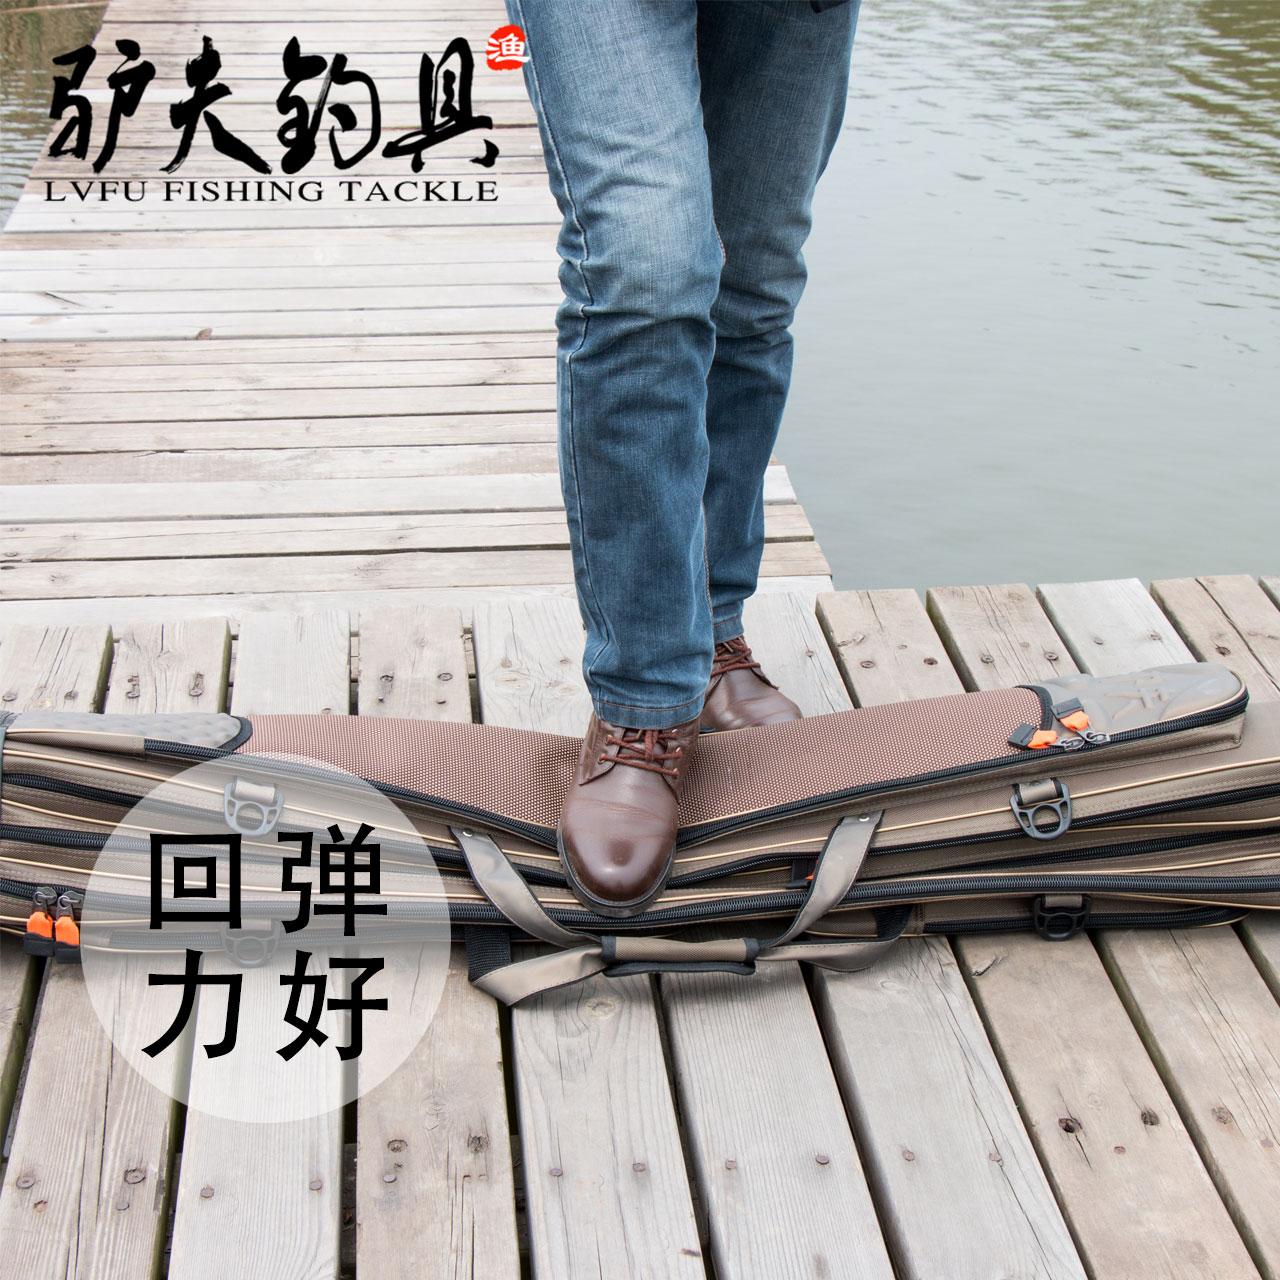 米二层三层鱼具钓鱼包鱼竿杆包垂钓用品 1.25 米 1.2 驴夫特价渔具包